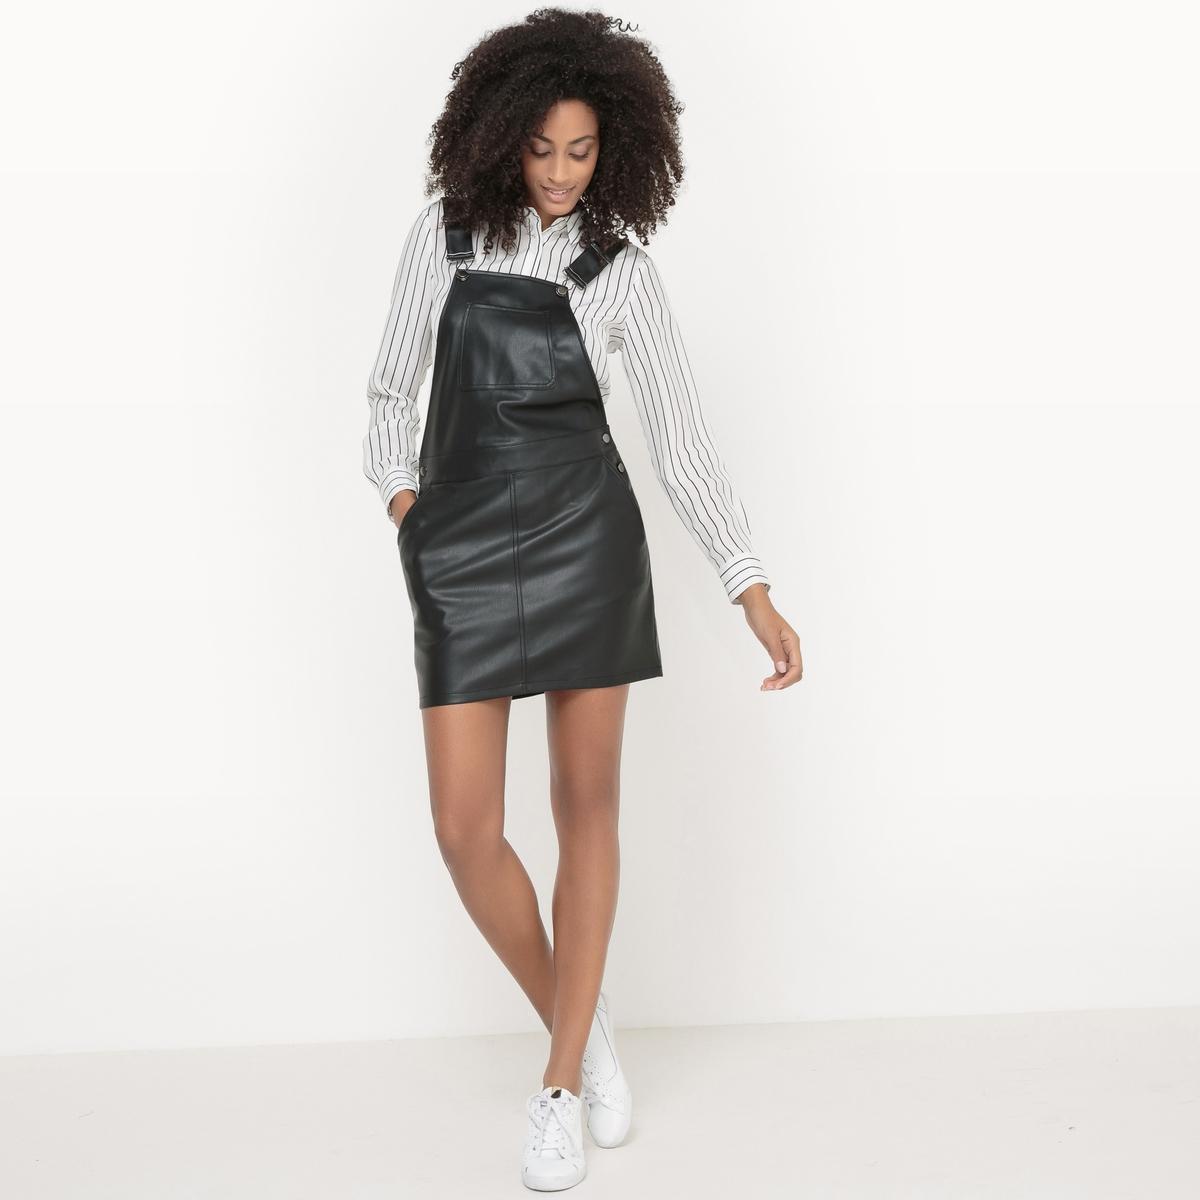 Платье-комбинезон VIPUNE DRESSПлатье VIPUNE DRESS от VILA. Платье-комбинезон . С имитацией кожи . Застежки на пуговицы по бокам . Нагрудный карман. Регулируемые и перекрещенные сзади  бретели. Состав и описание :Материал : 100% полиуретан.Марка : VILA.<br><br>Цвет: черный<br>Размер: L